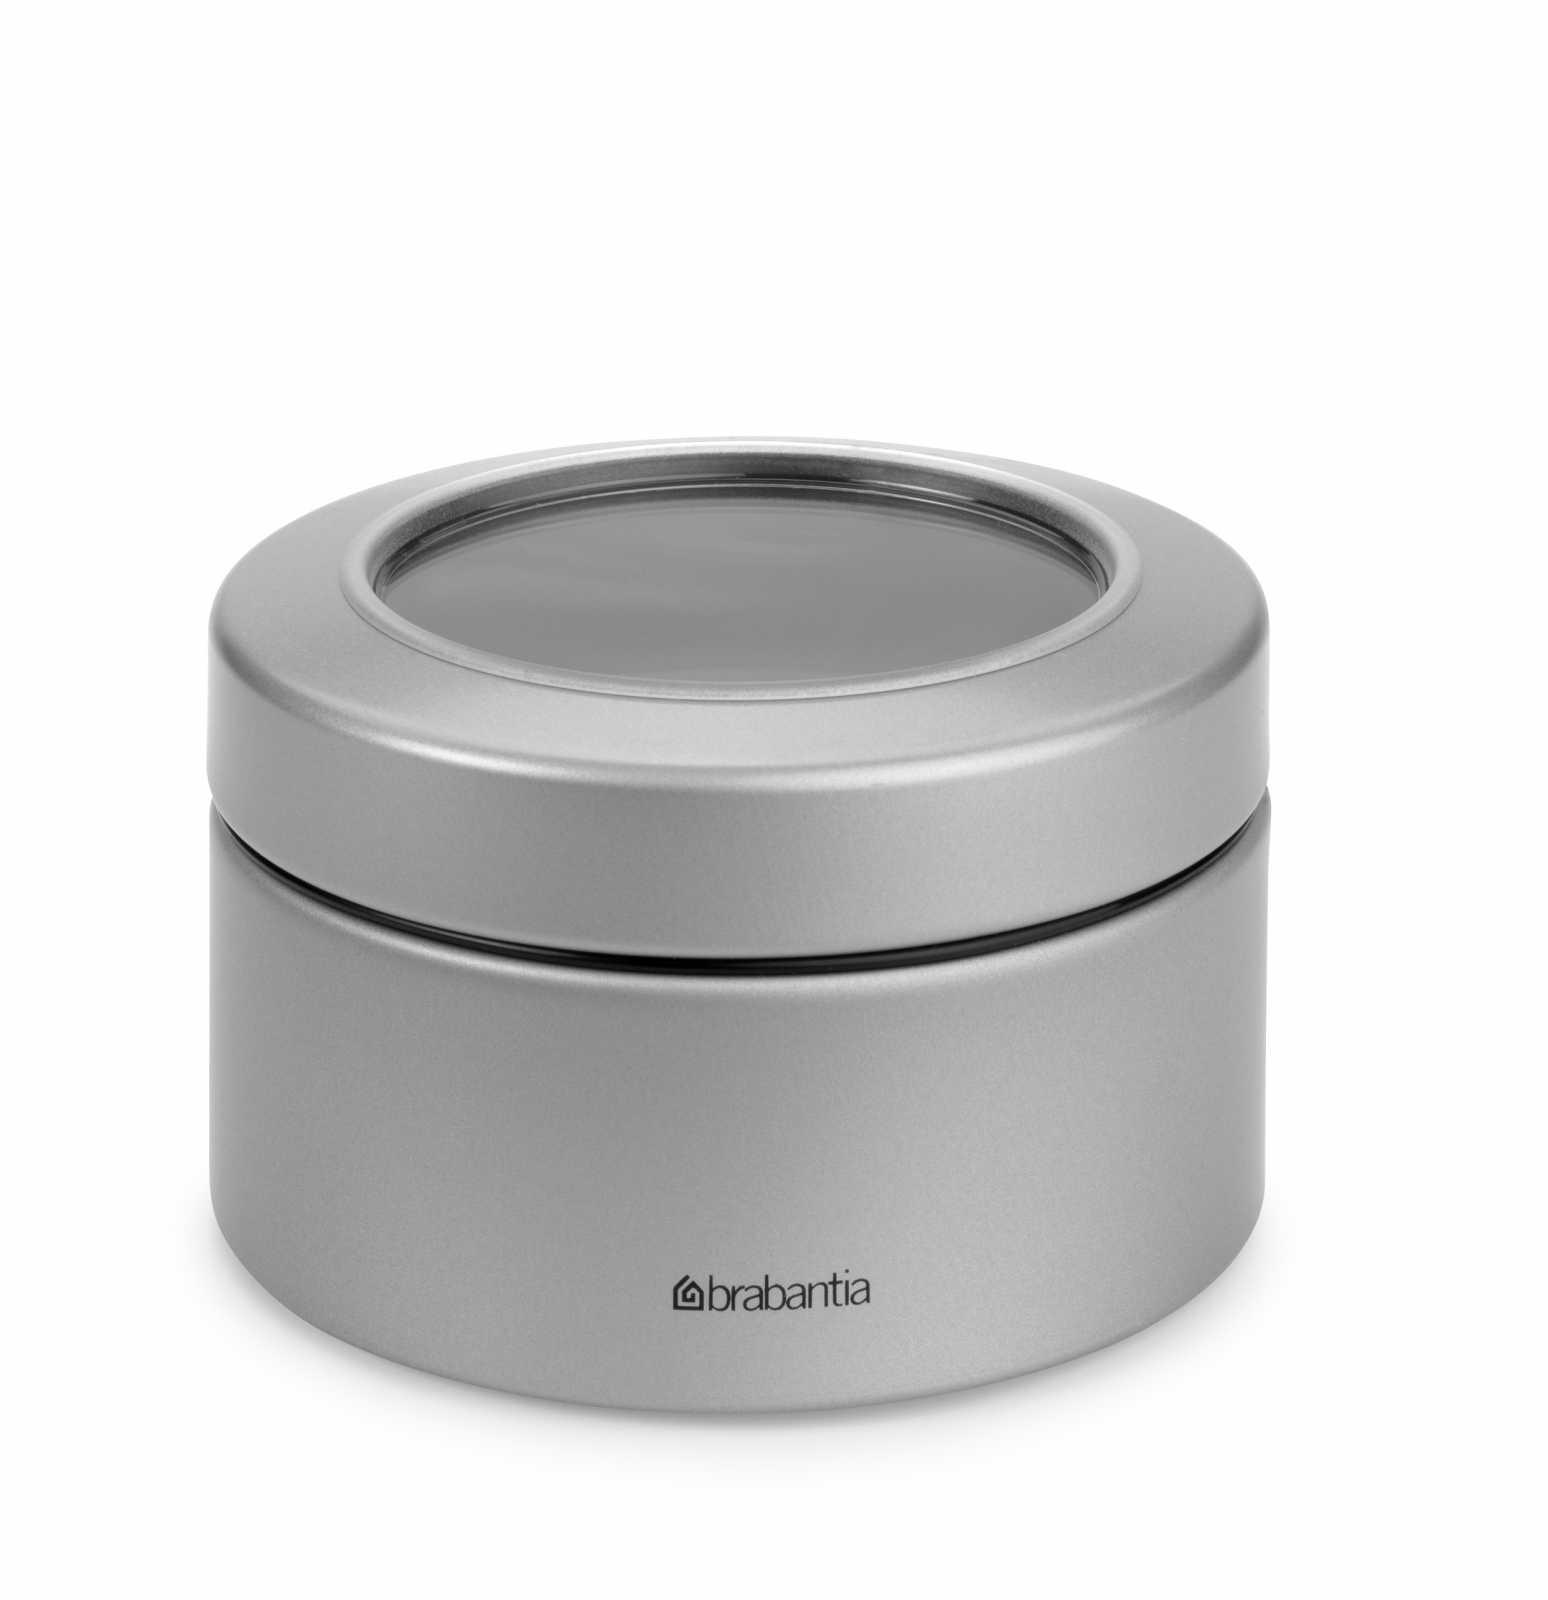 Онлайн каталог PROMENU: Емкость с крышкой для продуктов и окошком Brabantia, объем 0,5 л, серый Brabantia 477980